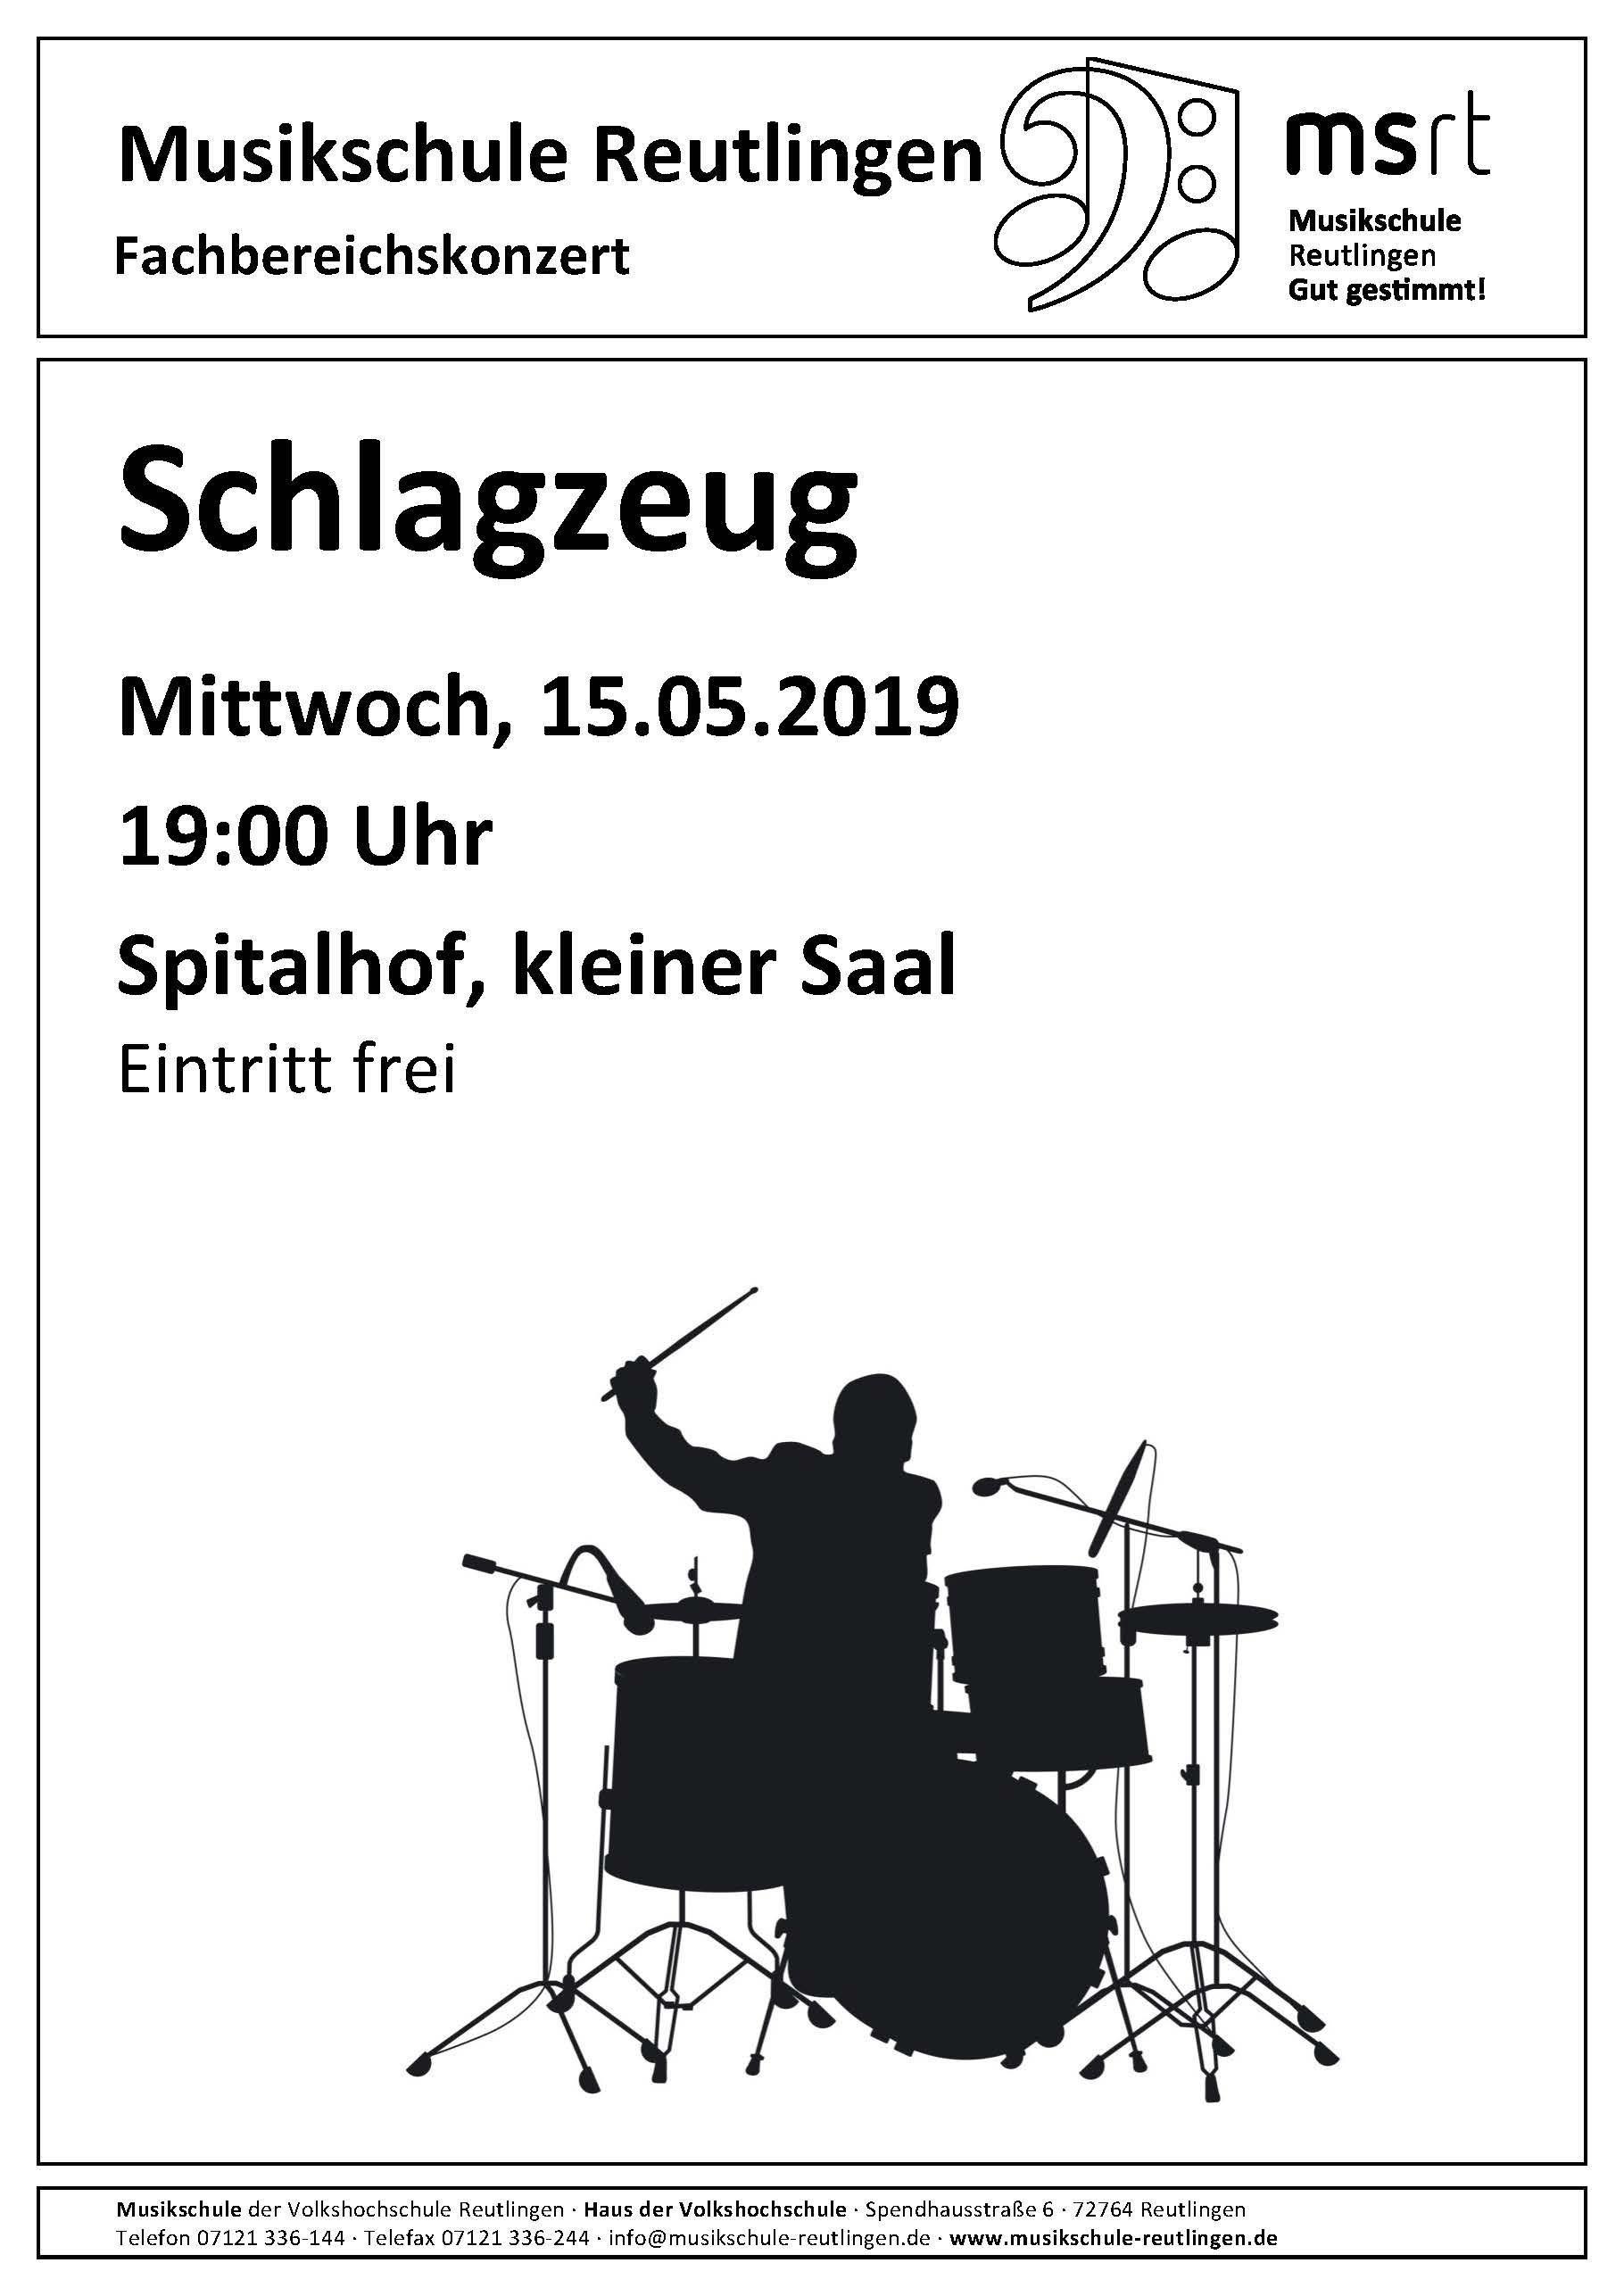 Plakat Fachbereichskonzert Schlagzeug